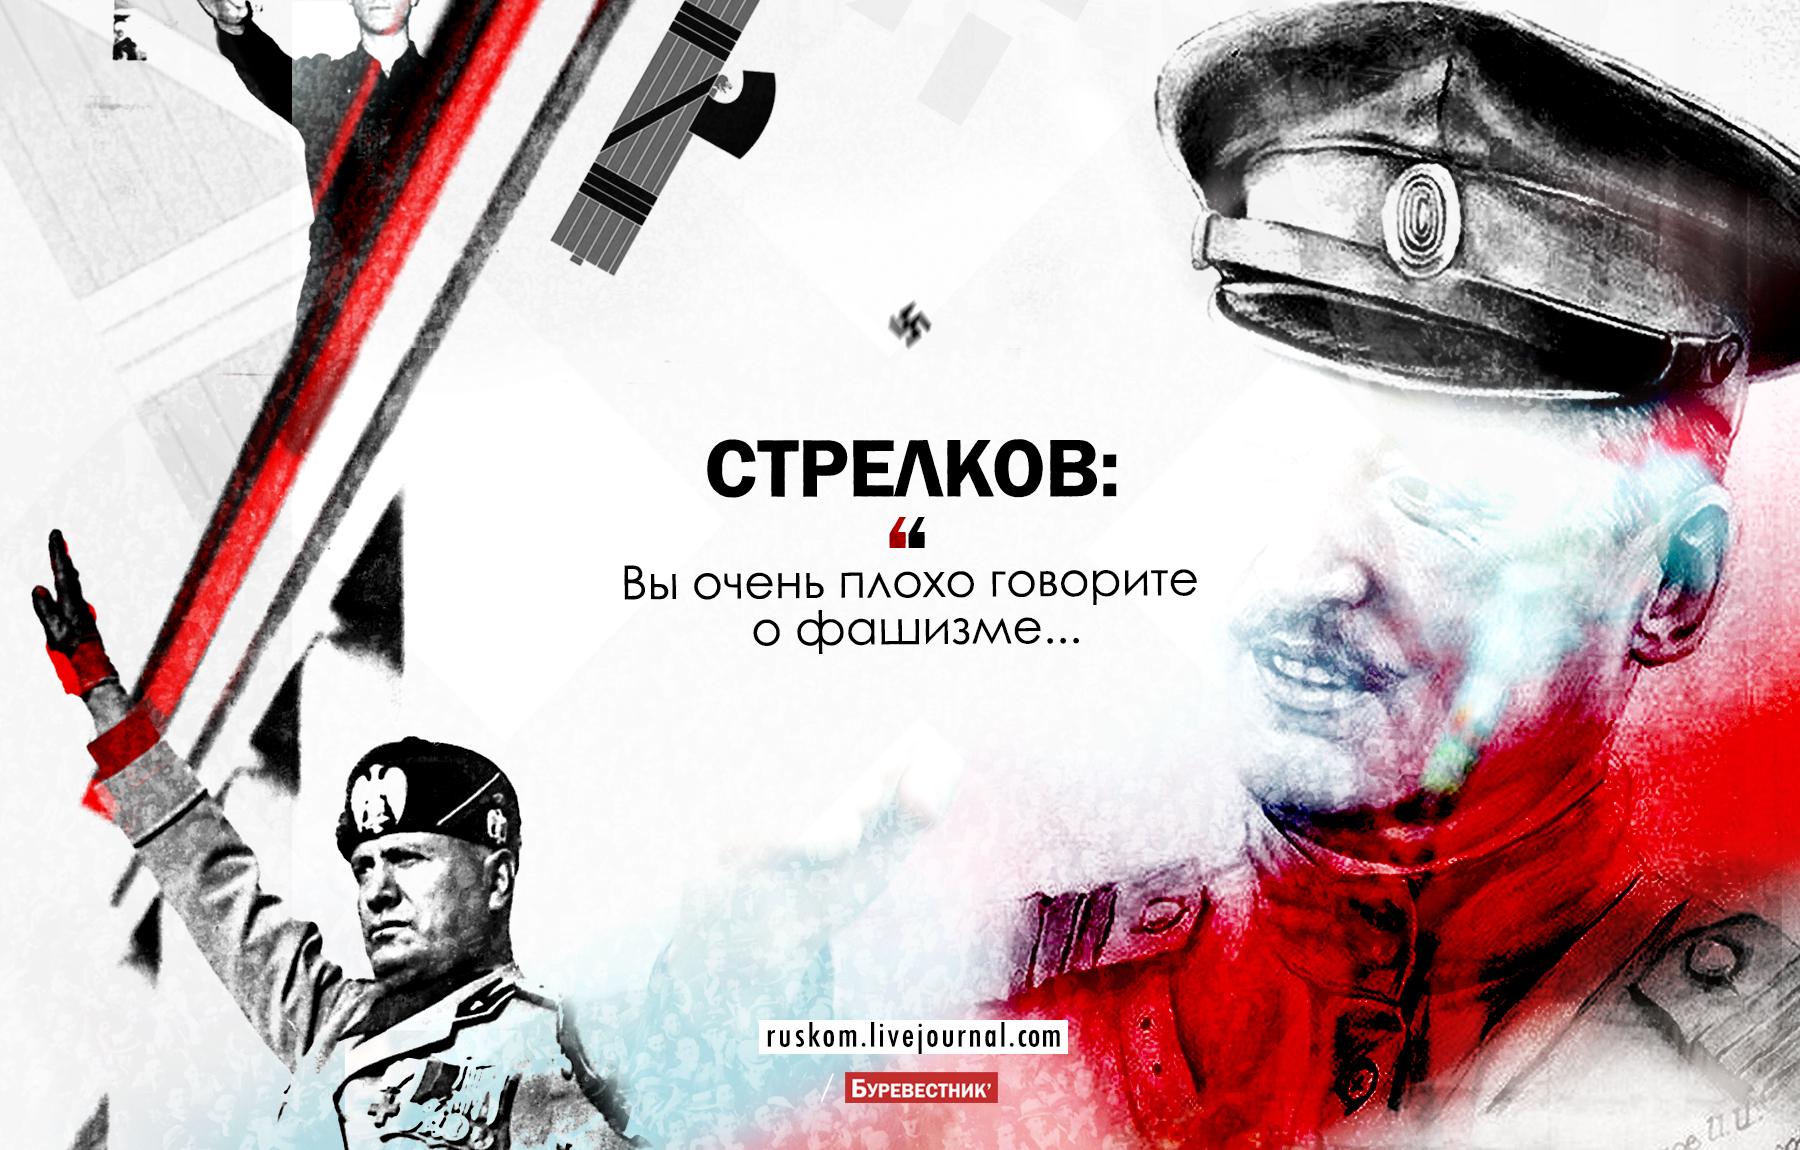 http://ic.pics.livejournal.com/ruskom/19557183/70076/70076_original.jpg